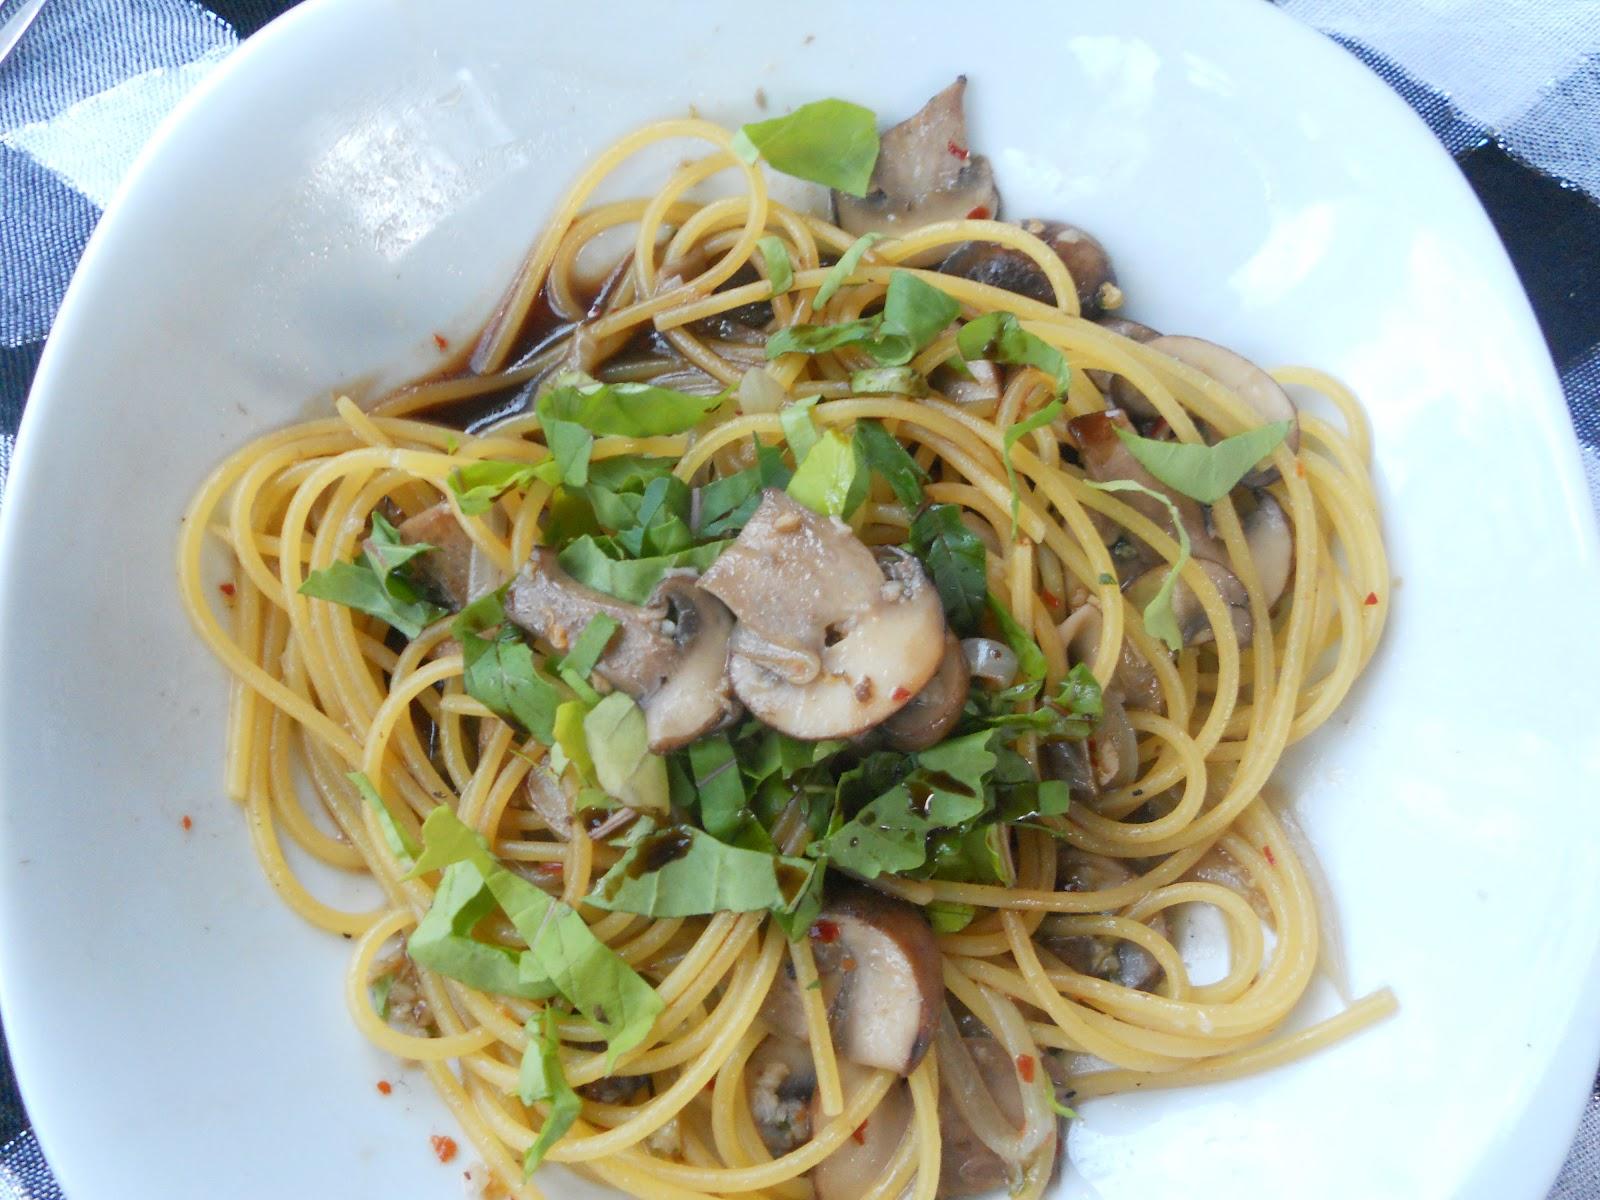 Recipes Denn: Mushroom Pasta